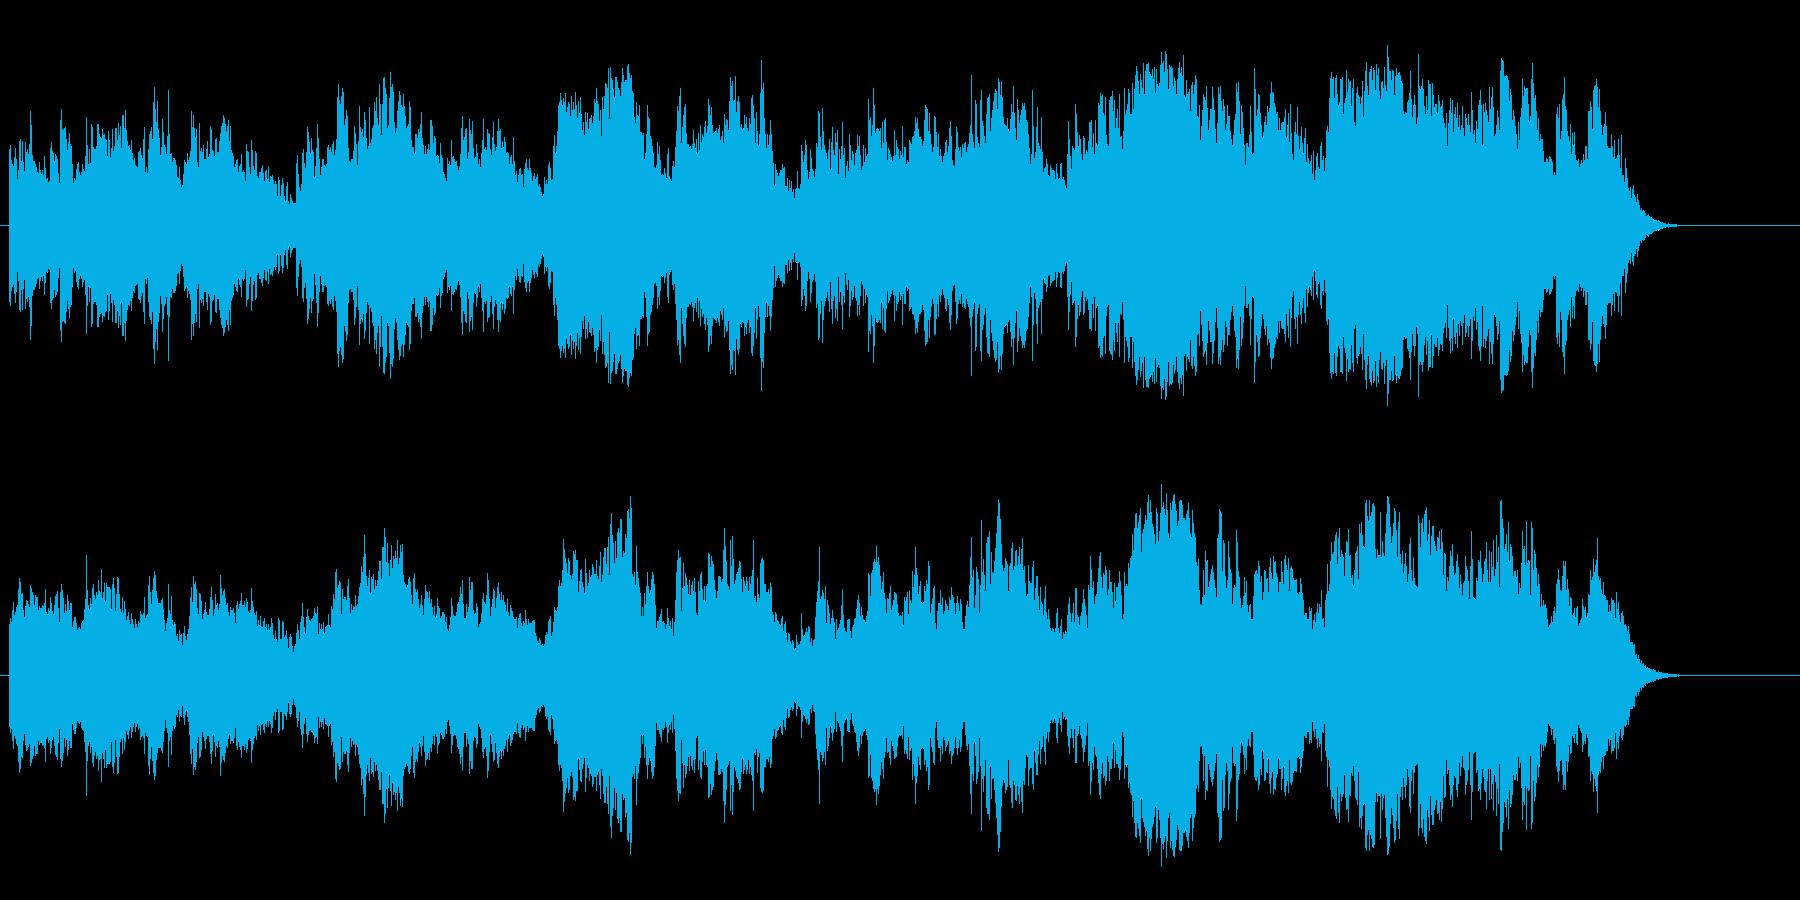 哀愁のマイナーアコースティックバラードの再生済みの波形